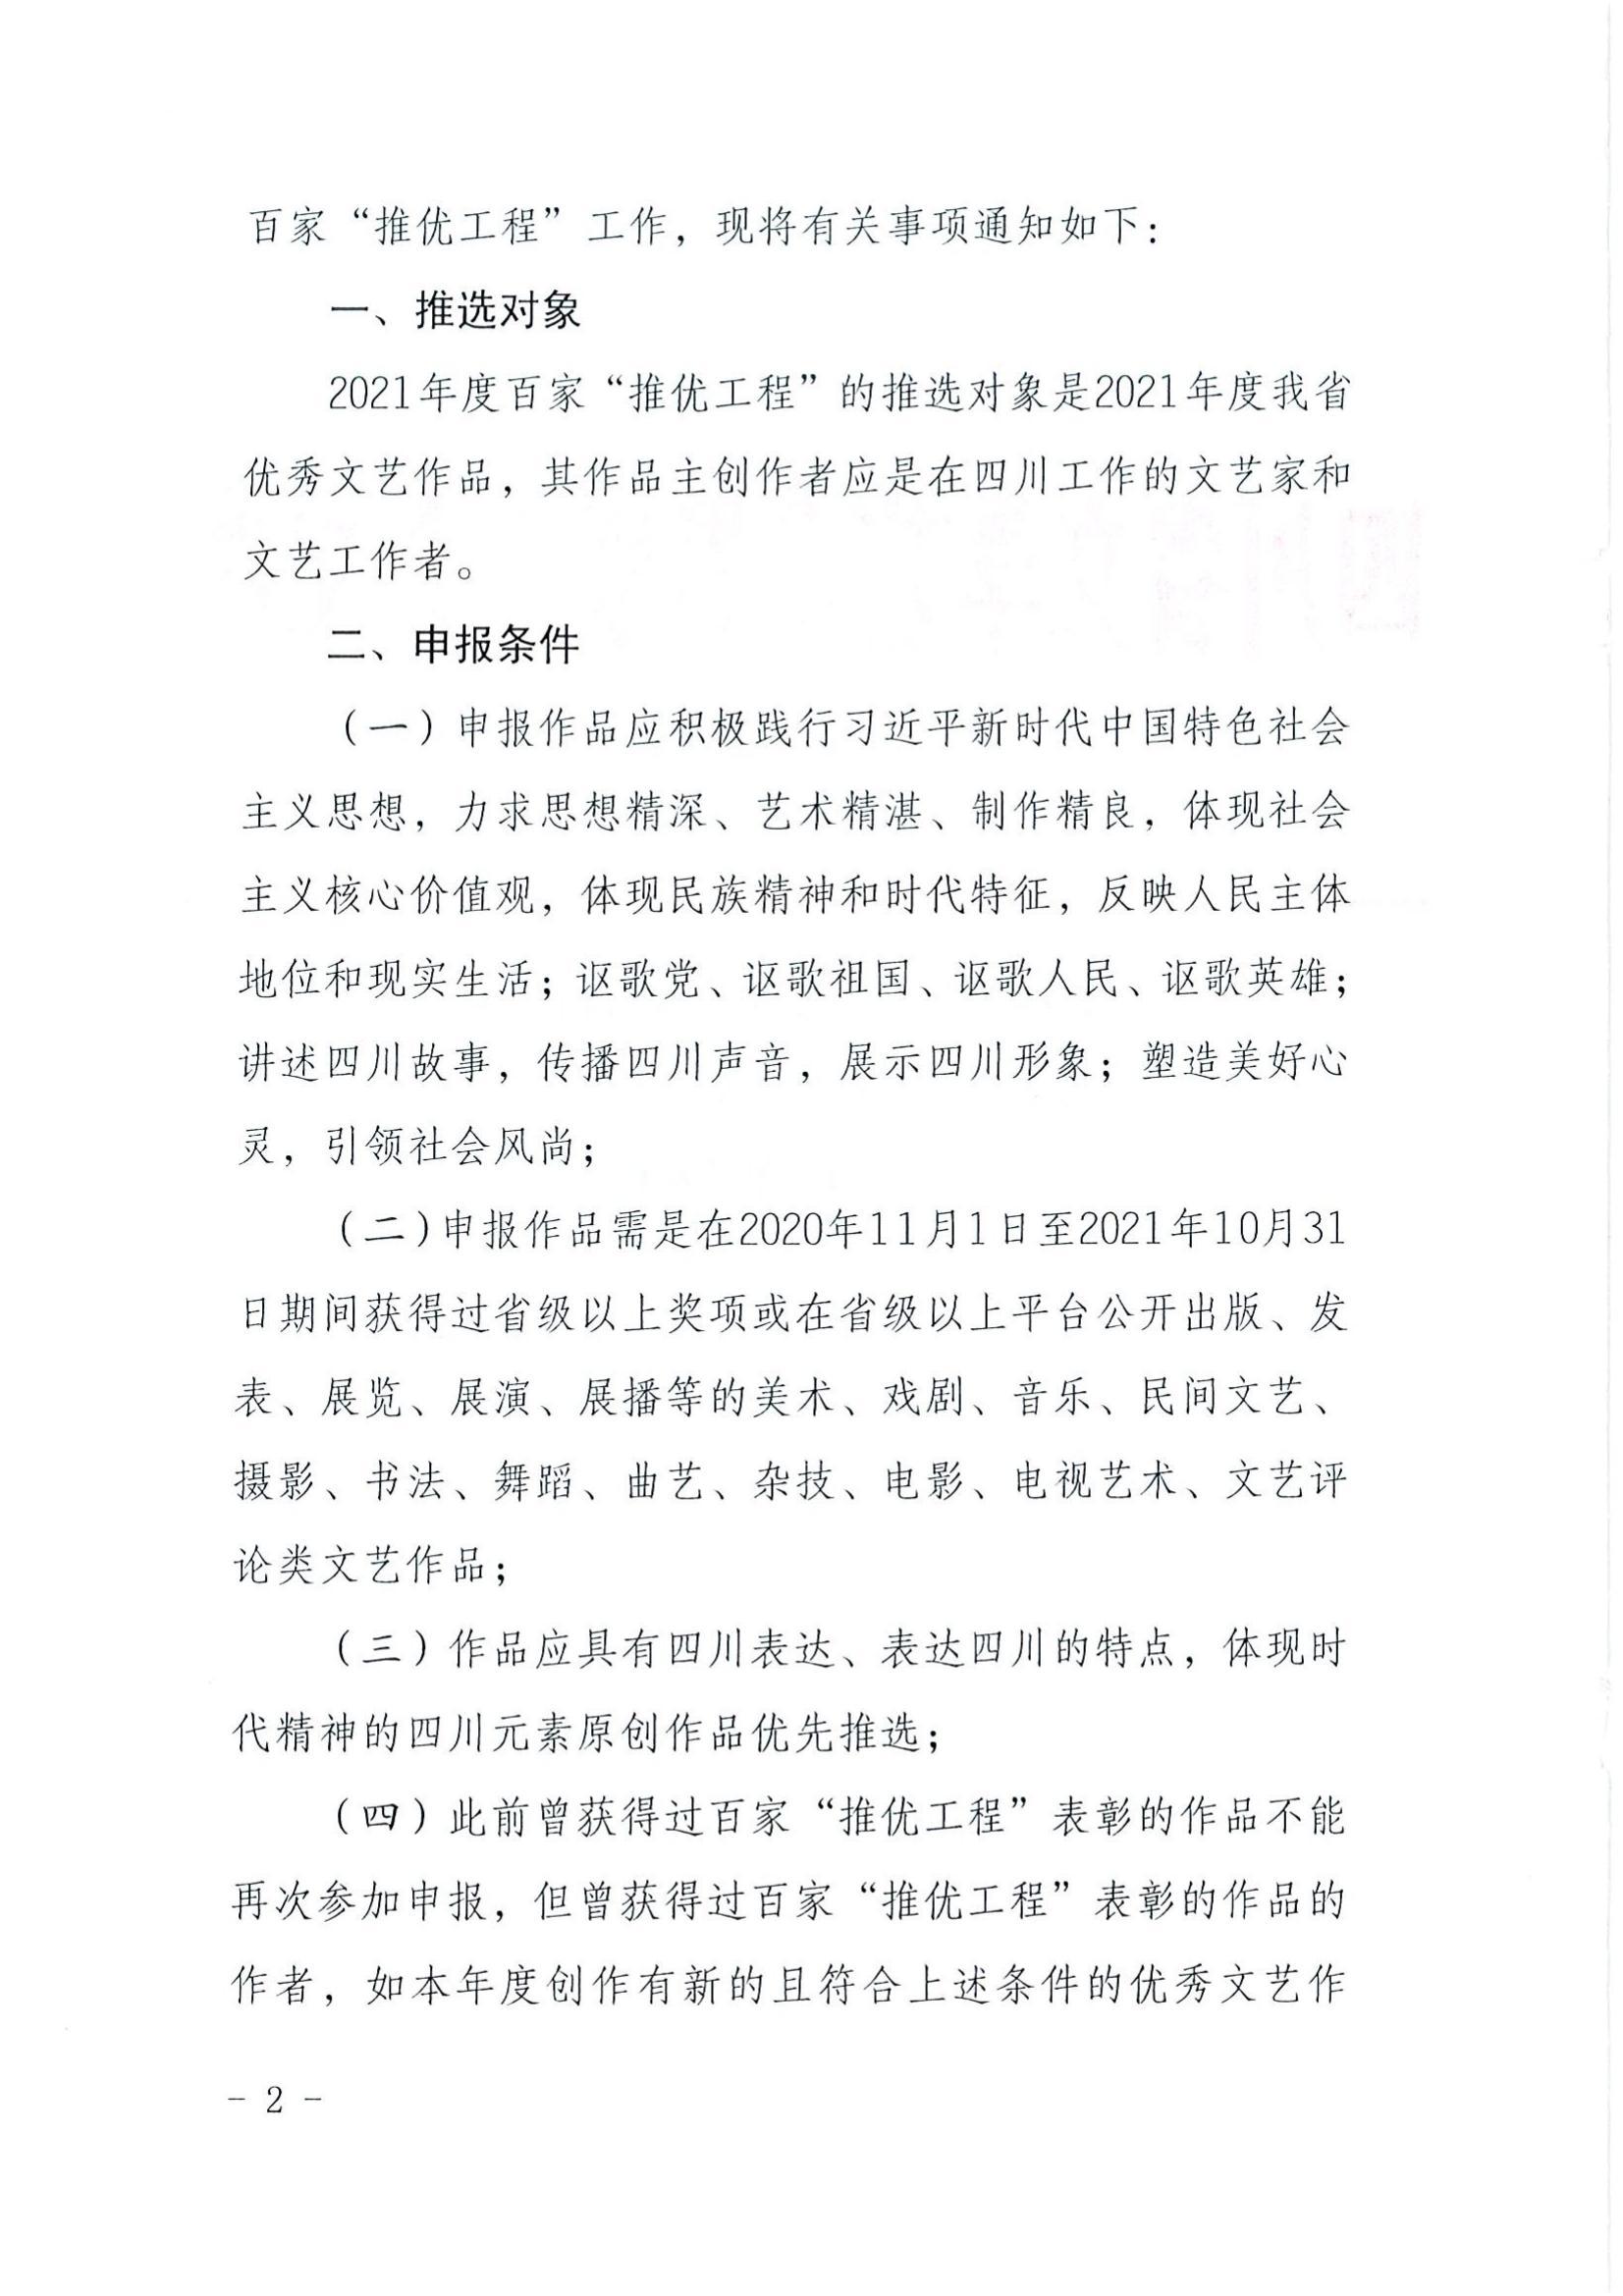 """成都市书协关于转发《四川省文联关于开展2021年度百家""""推优工程""""的通知》的通知"""